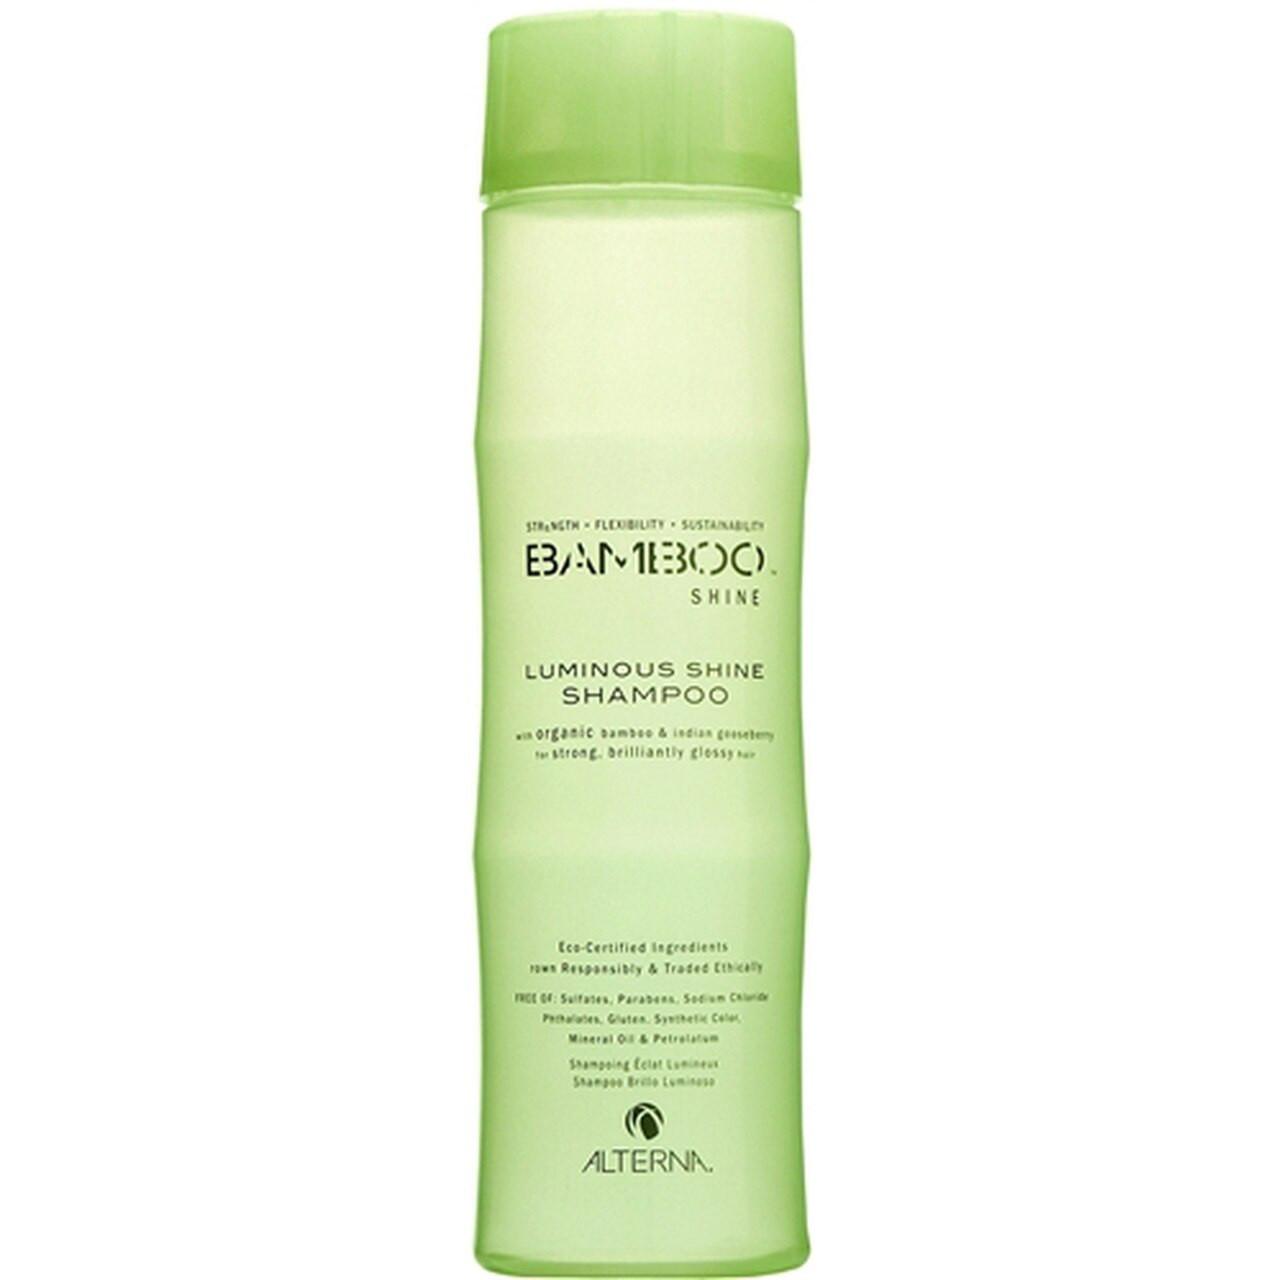 Alterna Bamboo Luminous Shine Shampoo - 8.5 oz